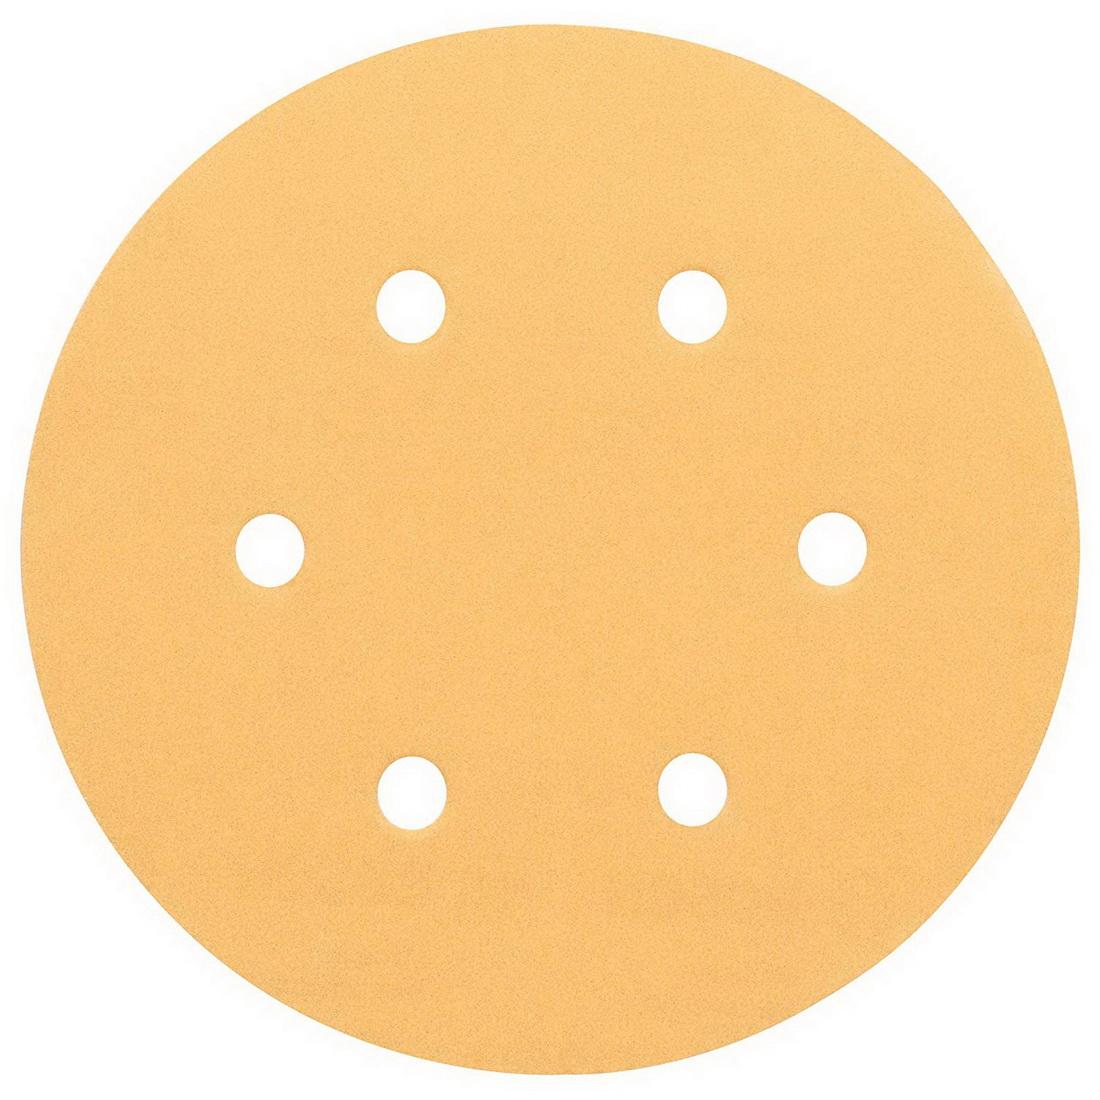 6-Hole C470 Random Orbital Sanding Disc For Wood 150mm 120 Grit 5 pack 2608605089